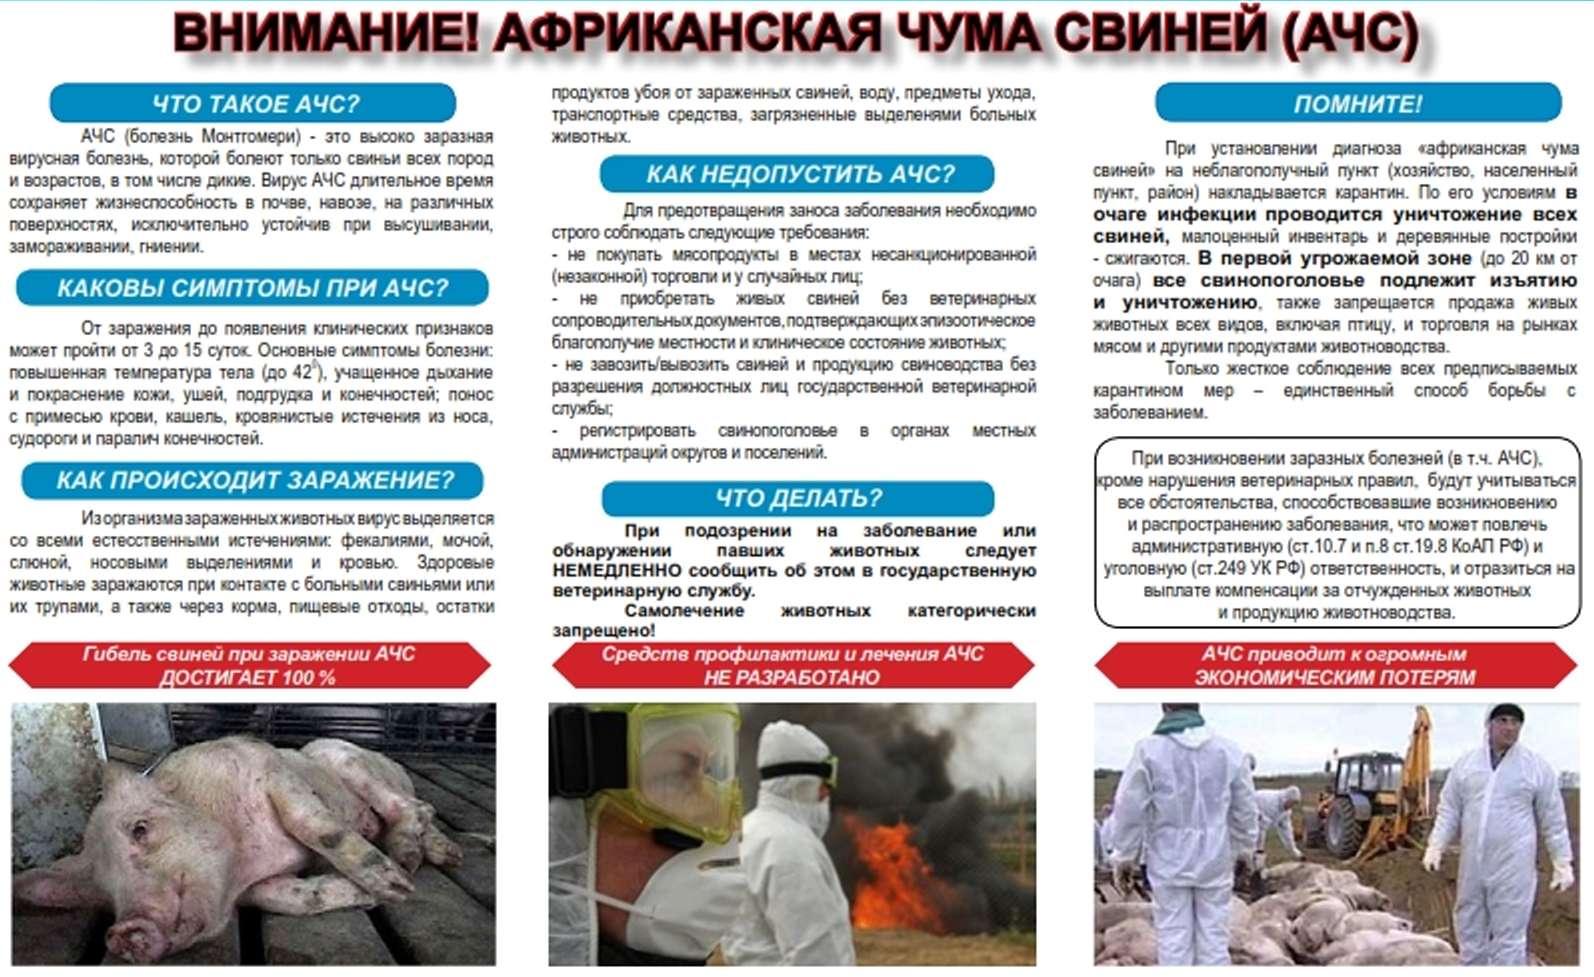 Африканская чума свиней: симптомы, как передается, фото